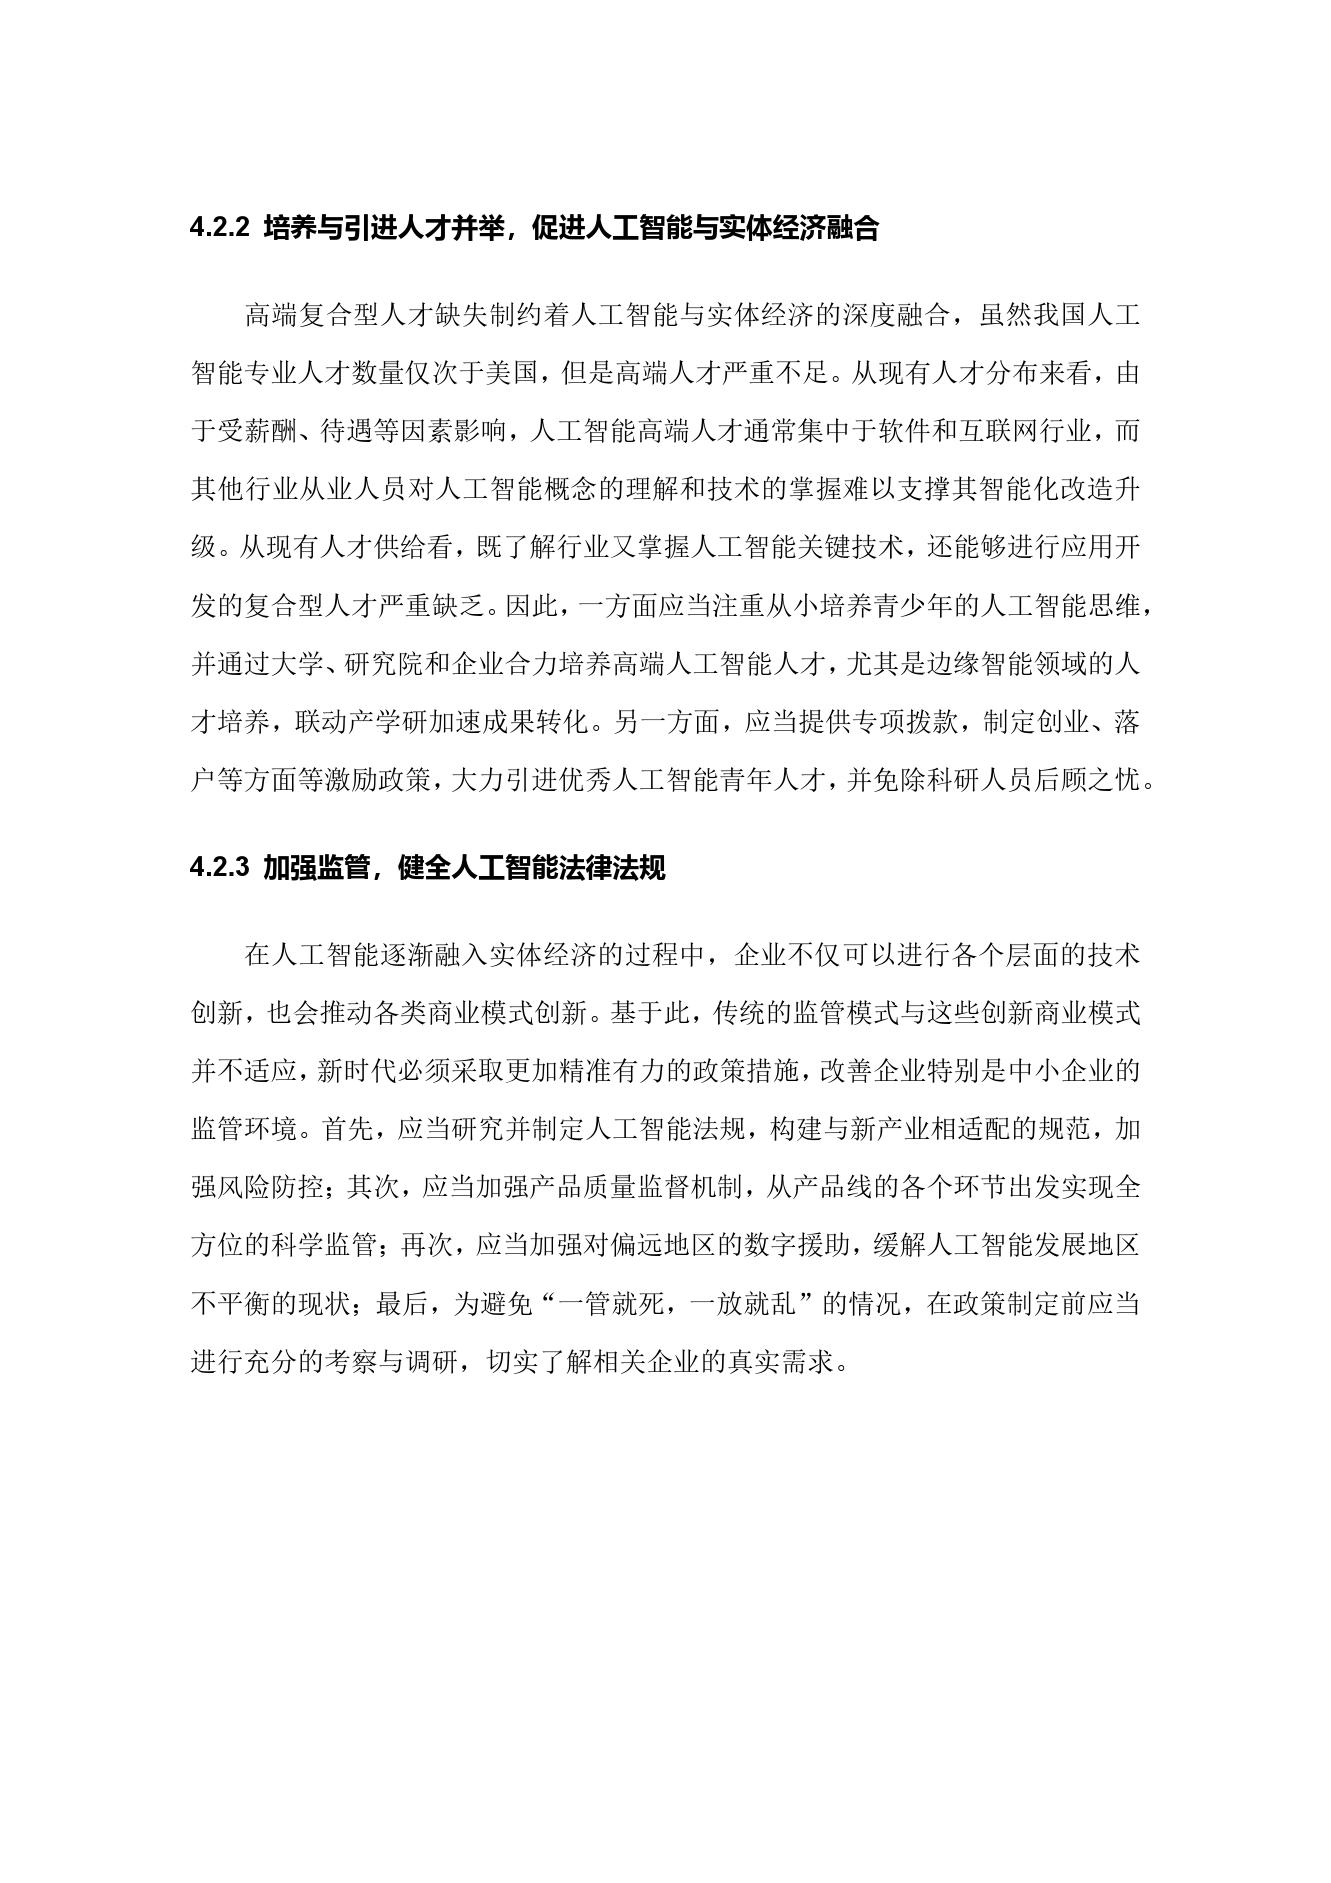 36氪研究院:2020年中国城市人工智能发展指数报告(可下载报告)插图(89)